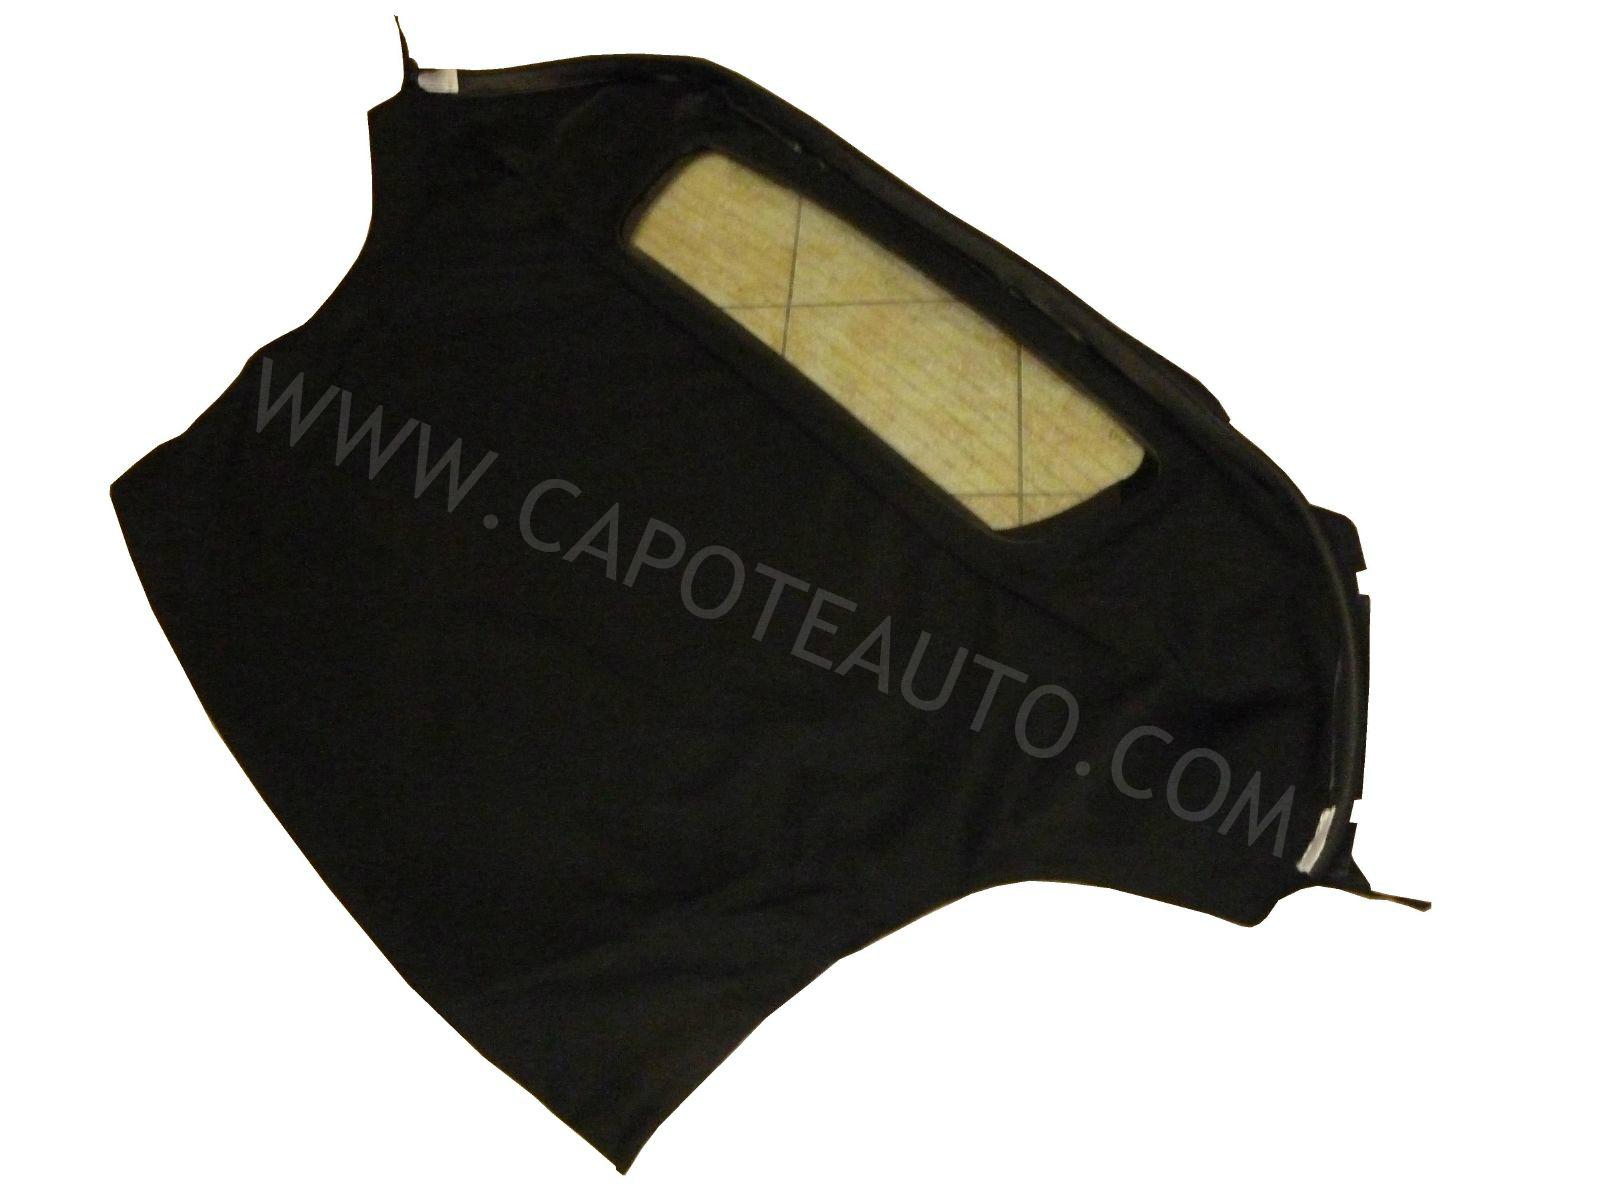 In Z4 0309 Lunotto Bmw E85 Cabrio Cappotta Vetro Con Capote gpBwqfn